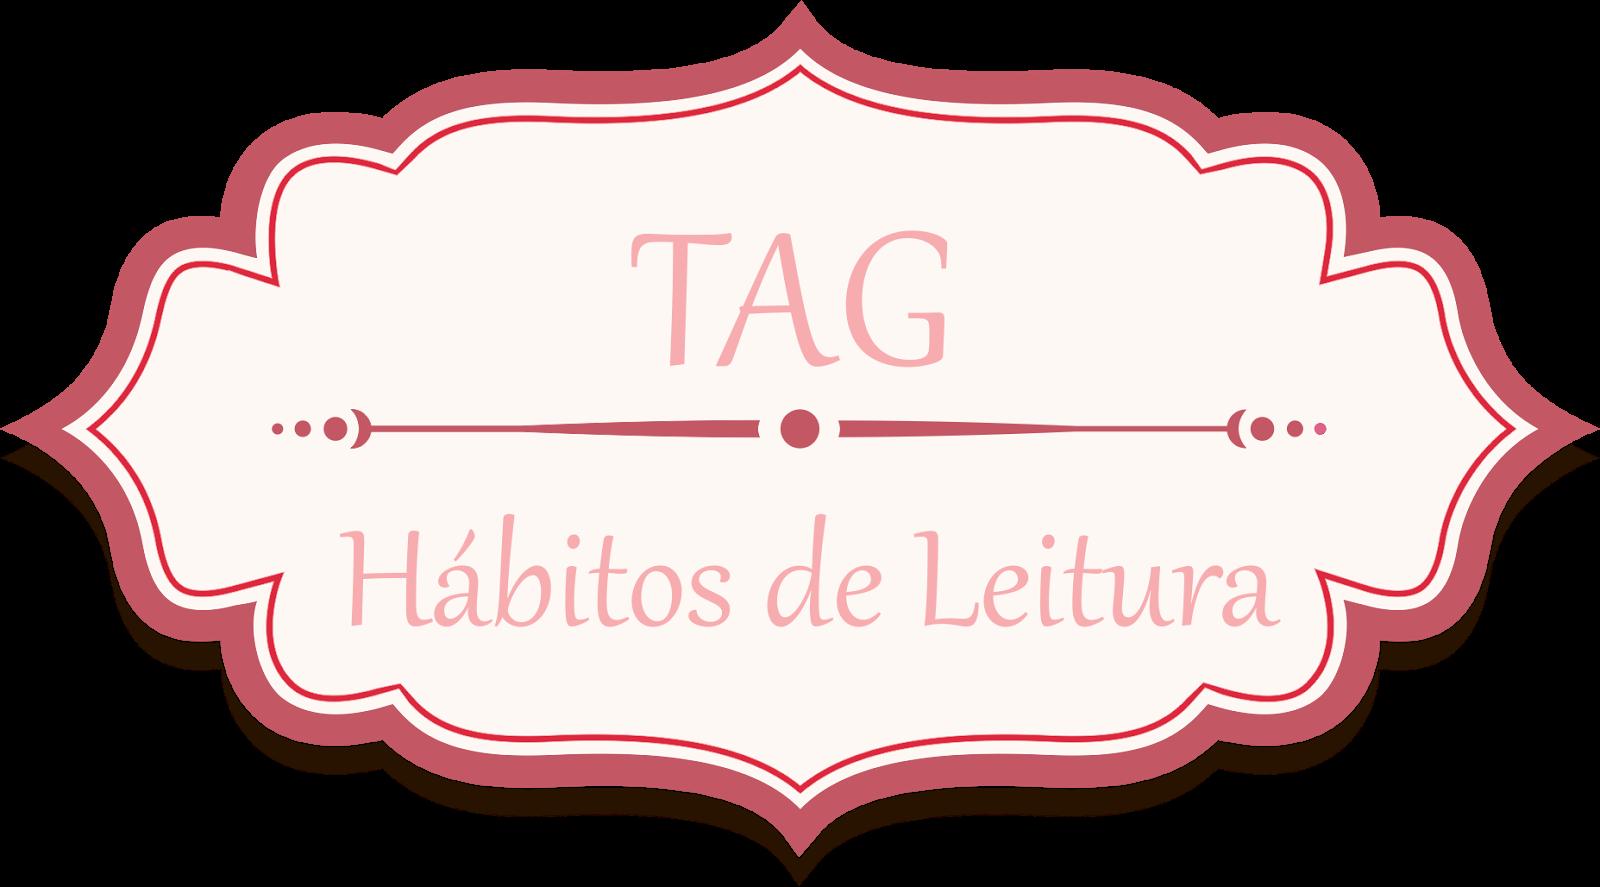 TAG: Hábitos de leitura #2 - Livreando